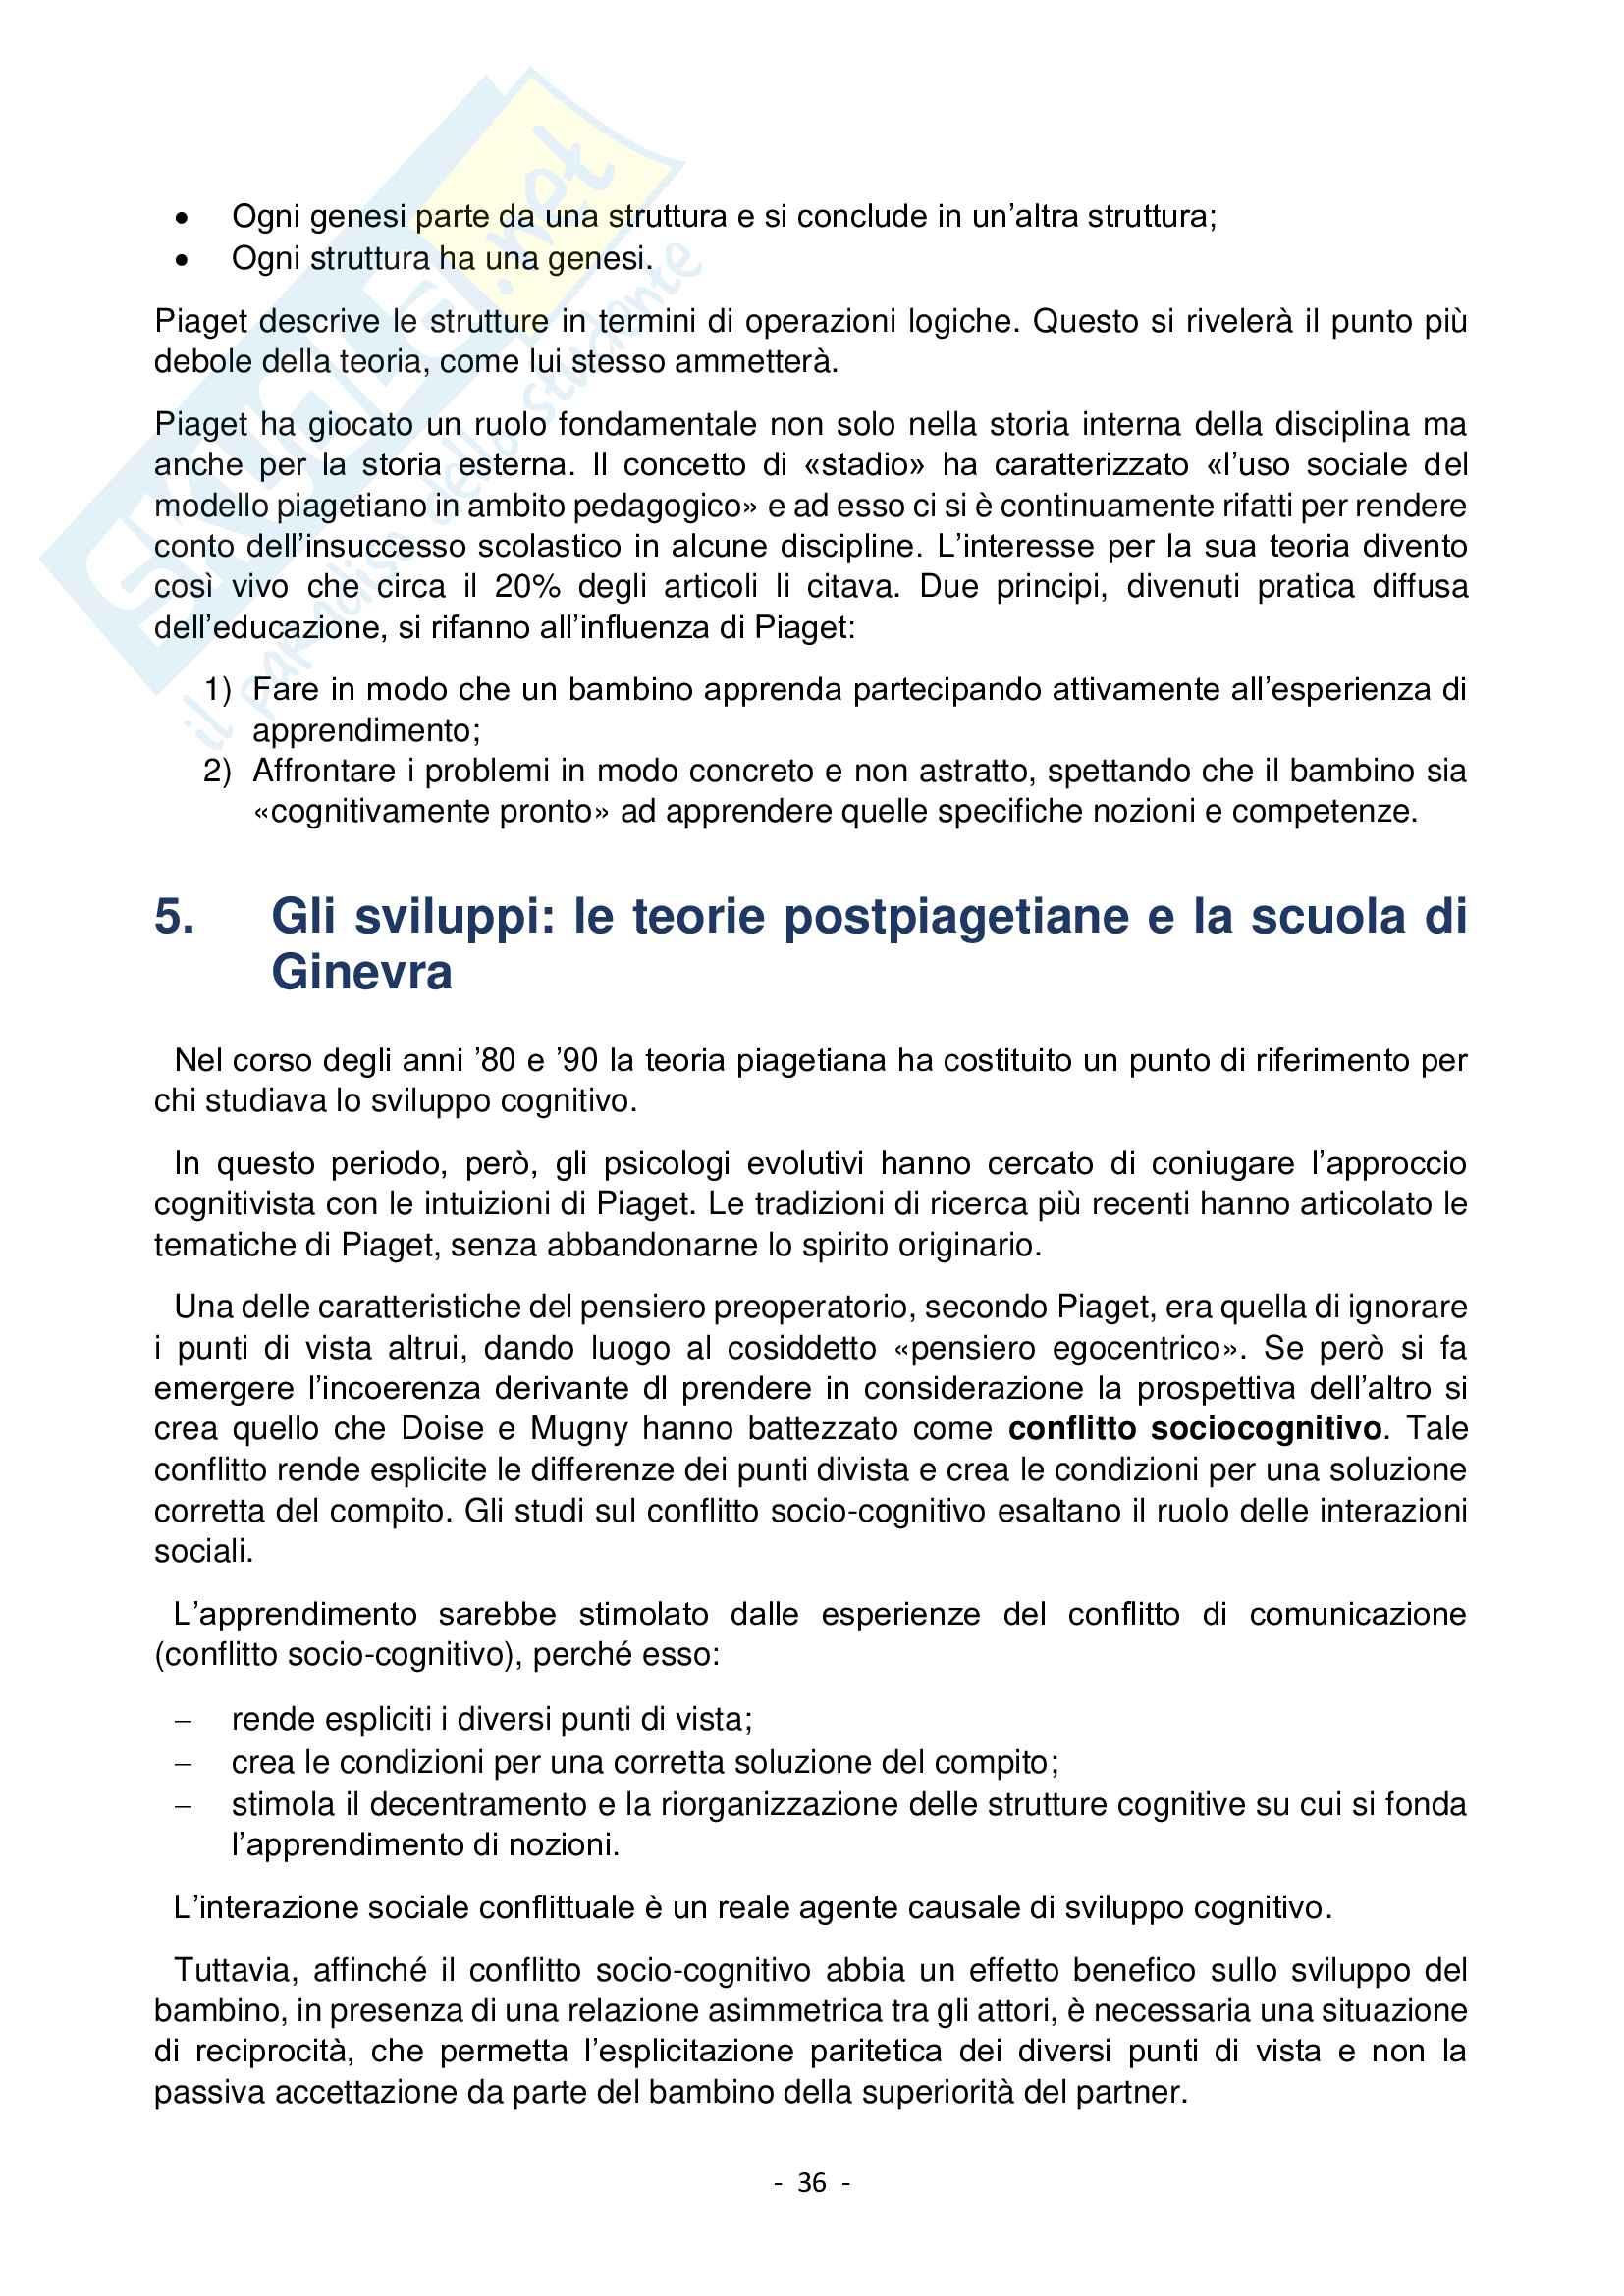 Storia della Psicologia e Argomenti di Storia della Psicologia Pag. 36